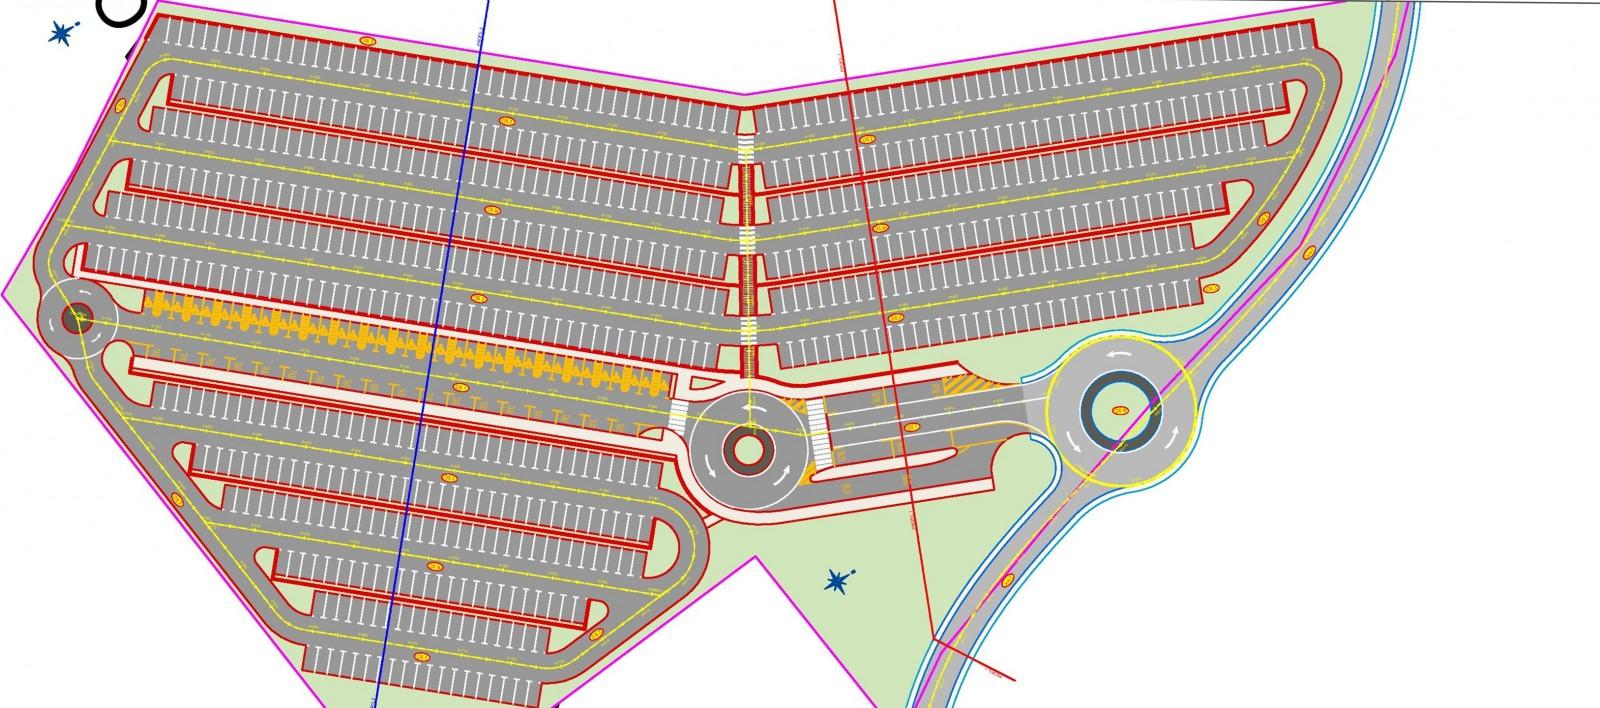 Na Pobrežju Park 'n' Ride parkiralište za 600 vozila